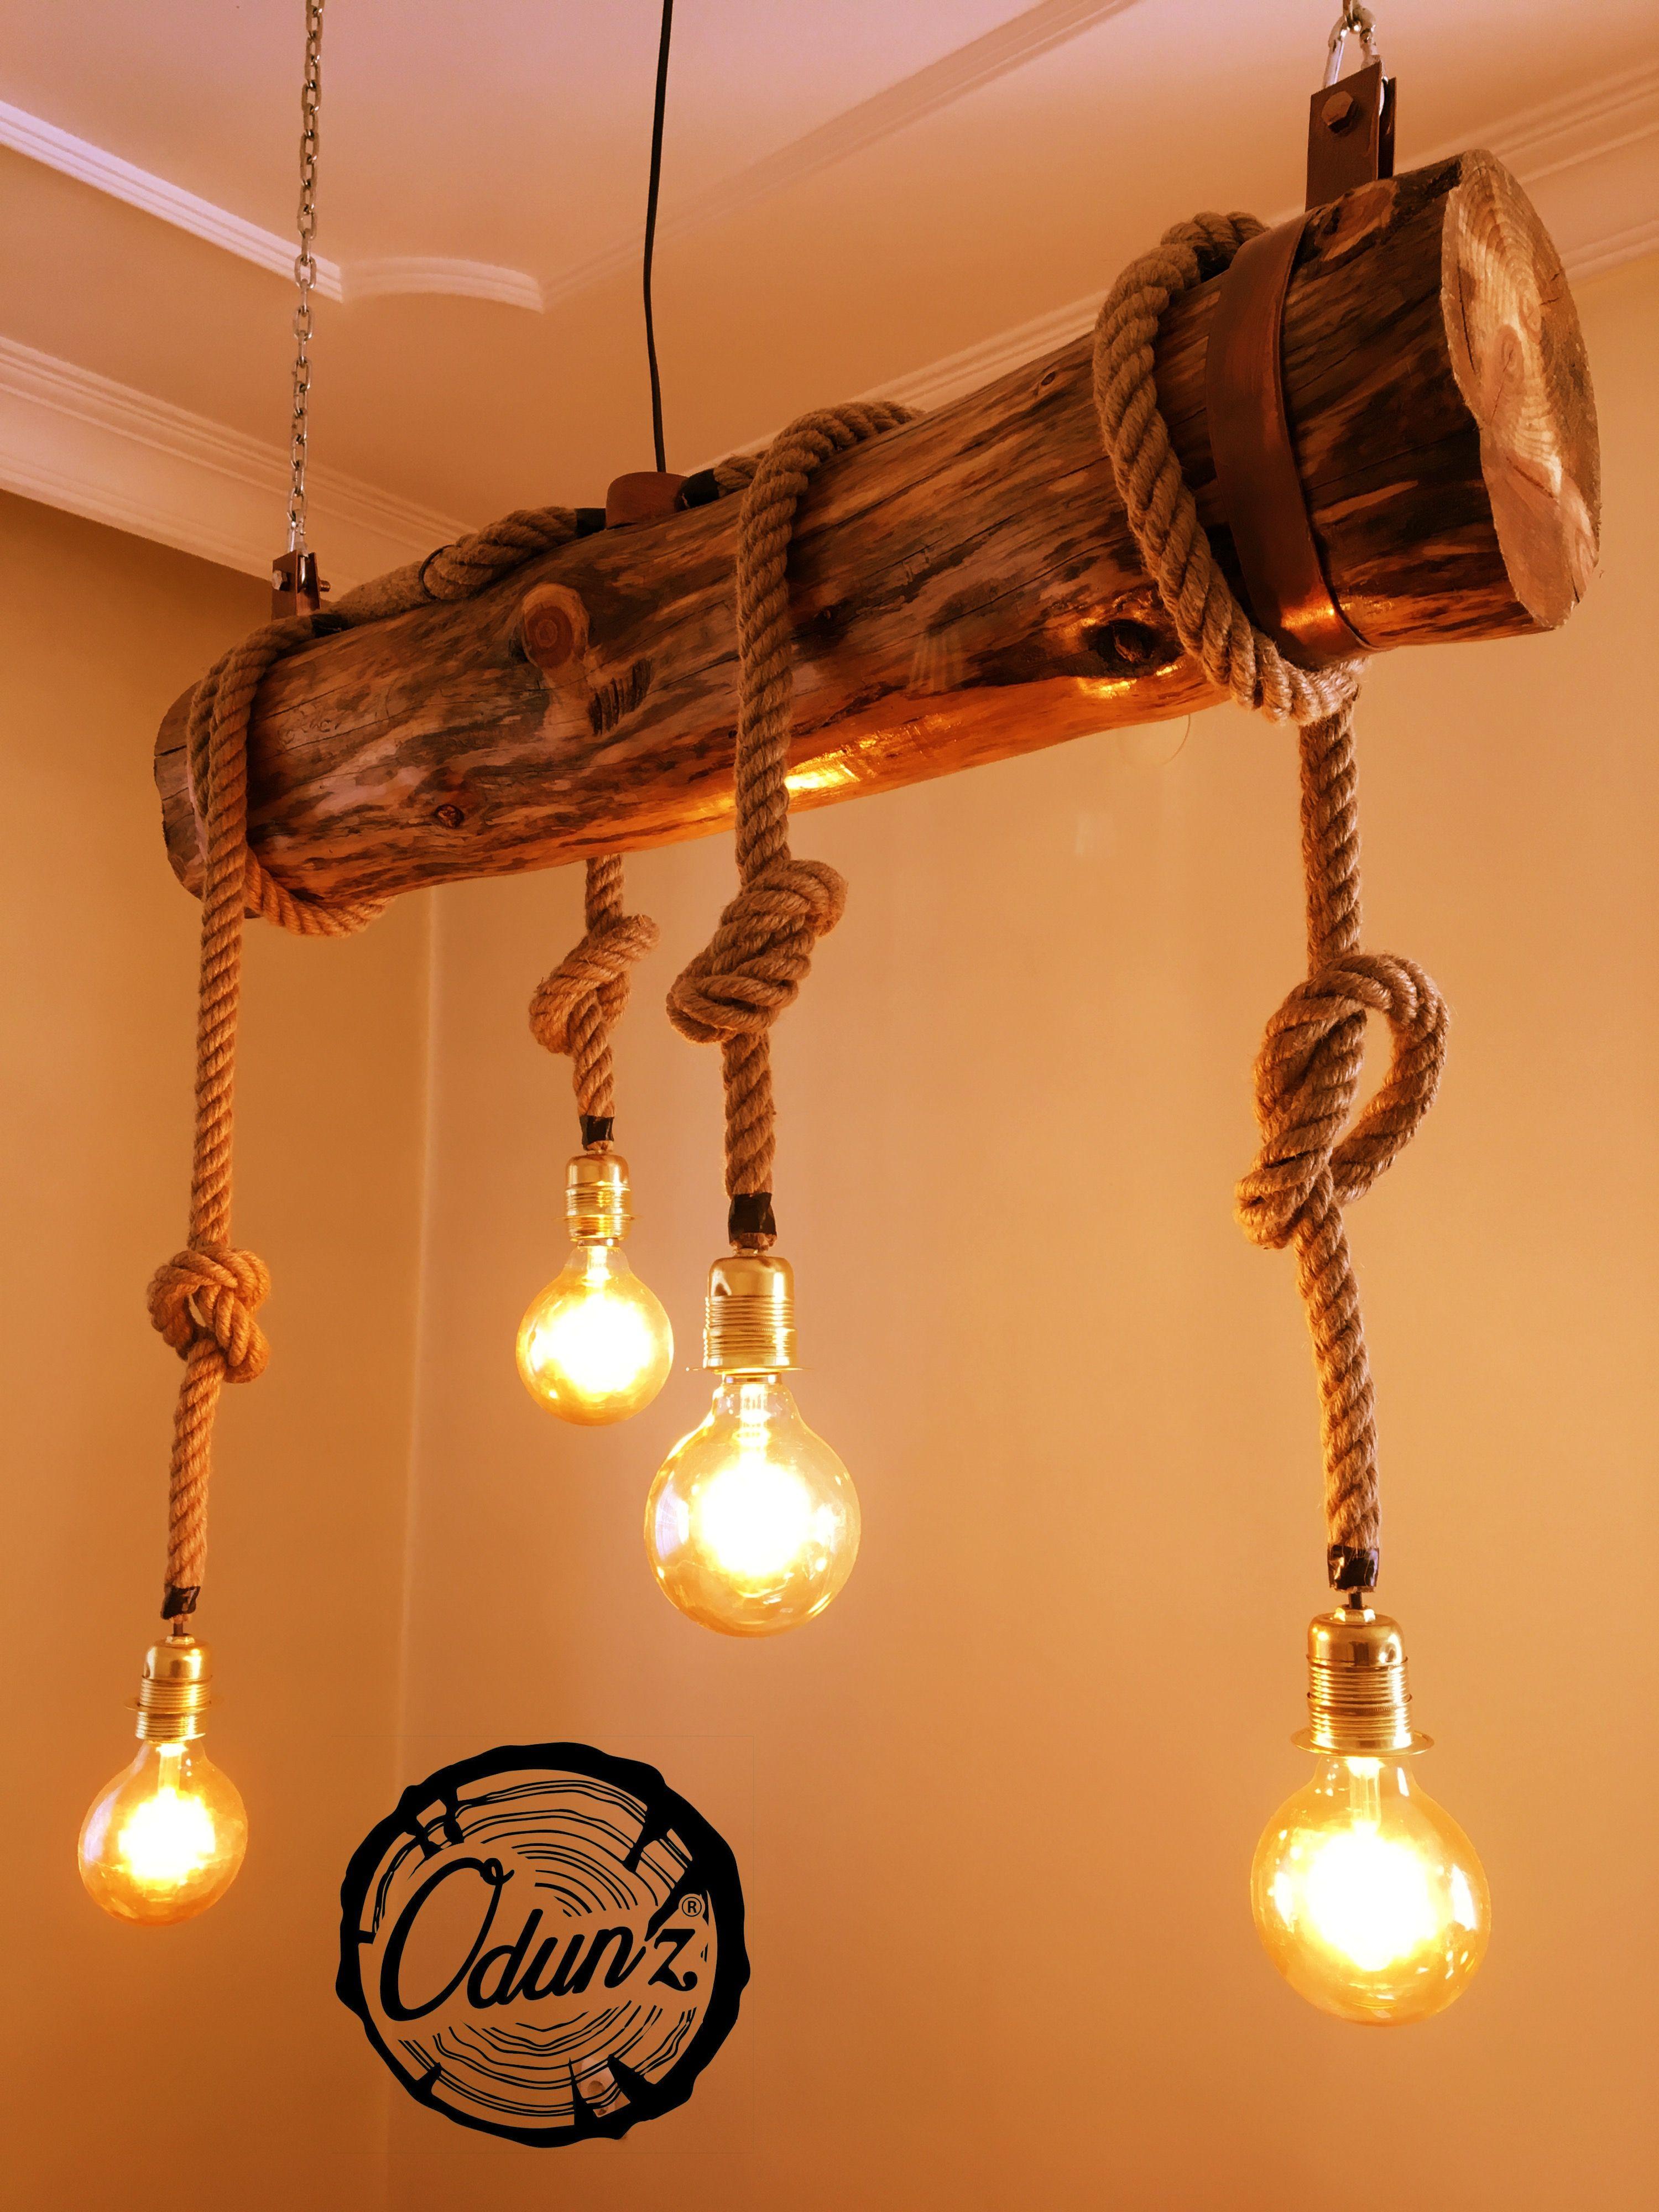 Balken lampe lighting design cafe lighting wood cafe rustic cafe vintage cafe